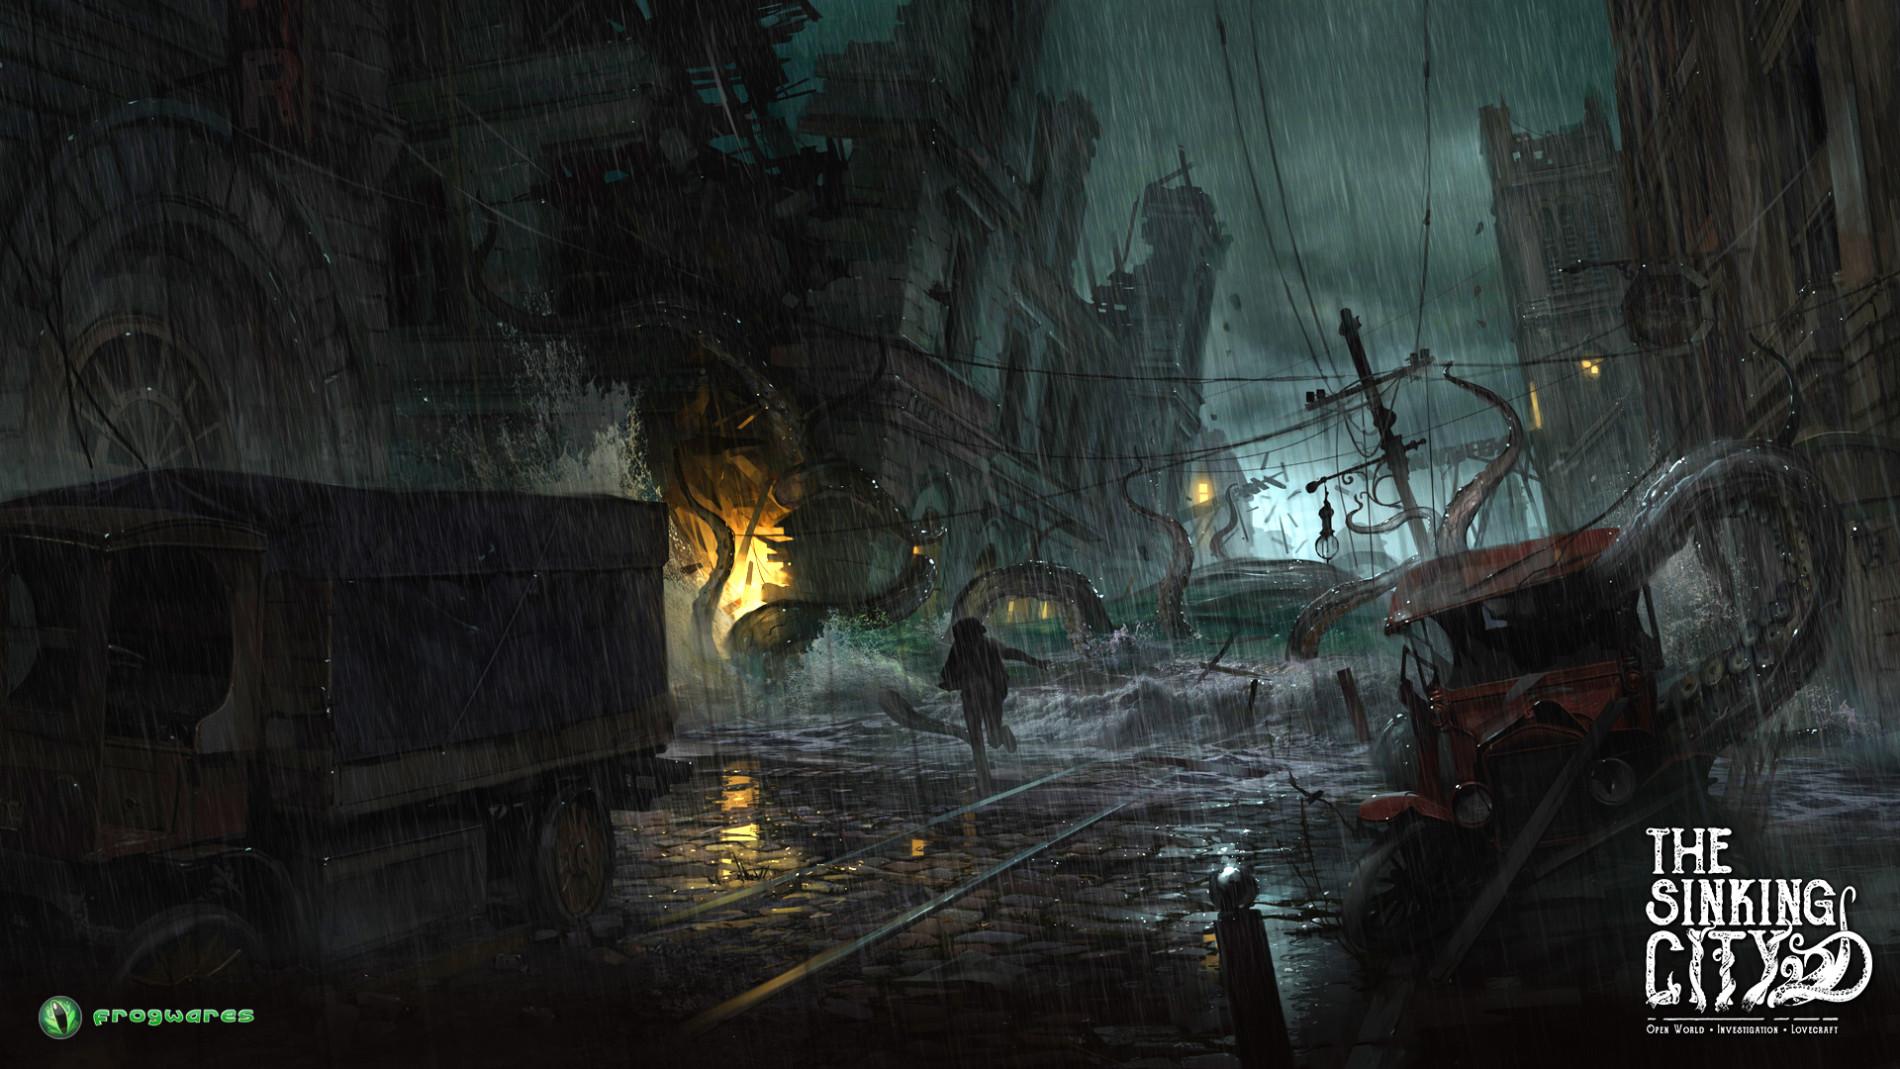 Tvůrci Sherlocka Holmese odhalují adventuru v lovecraftovském světě 120512